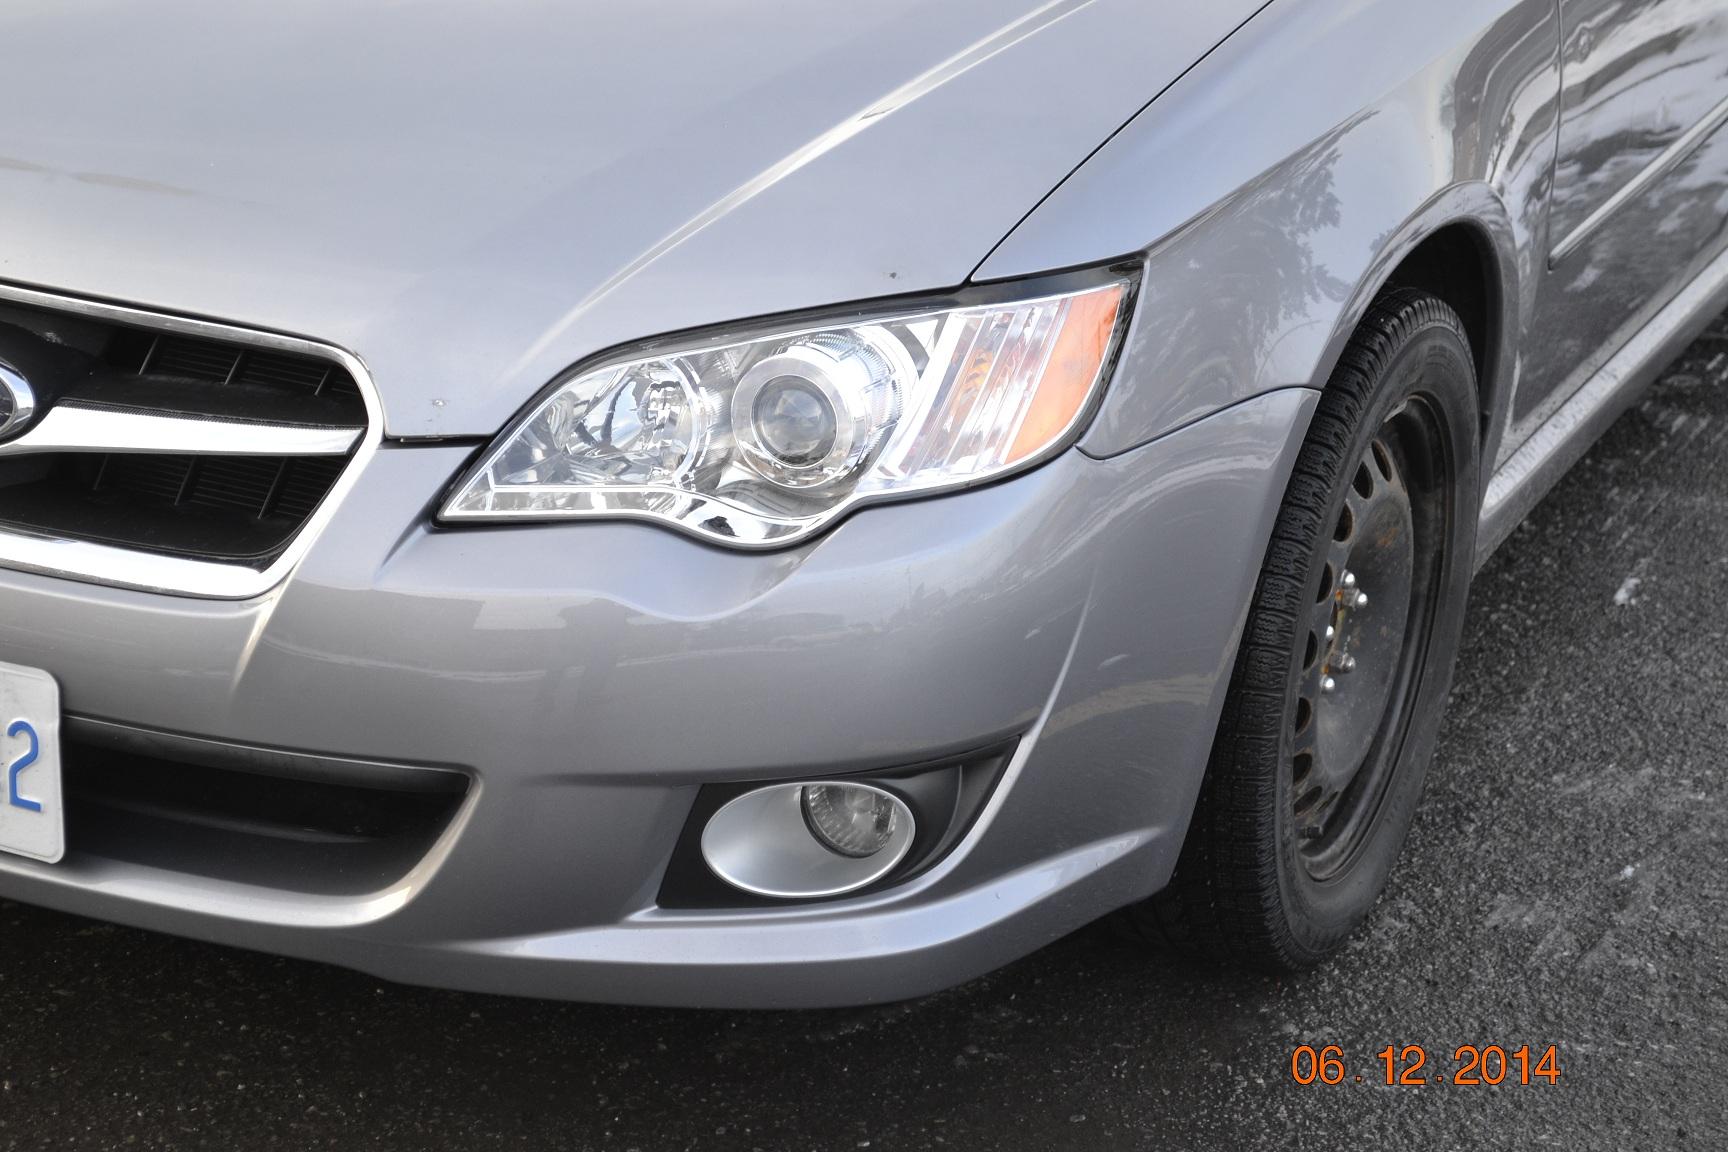 Car_repaired